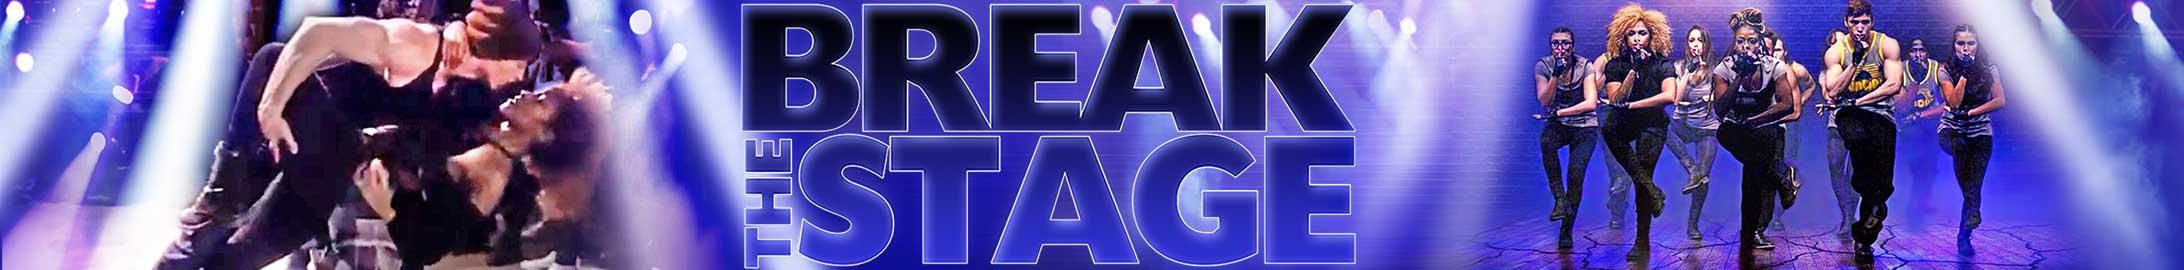 breakthestage-banner-728x90-051719-c-1-.jpg